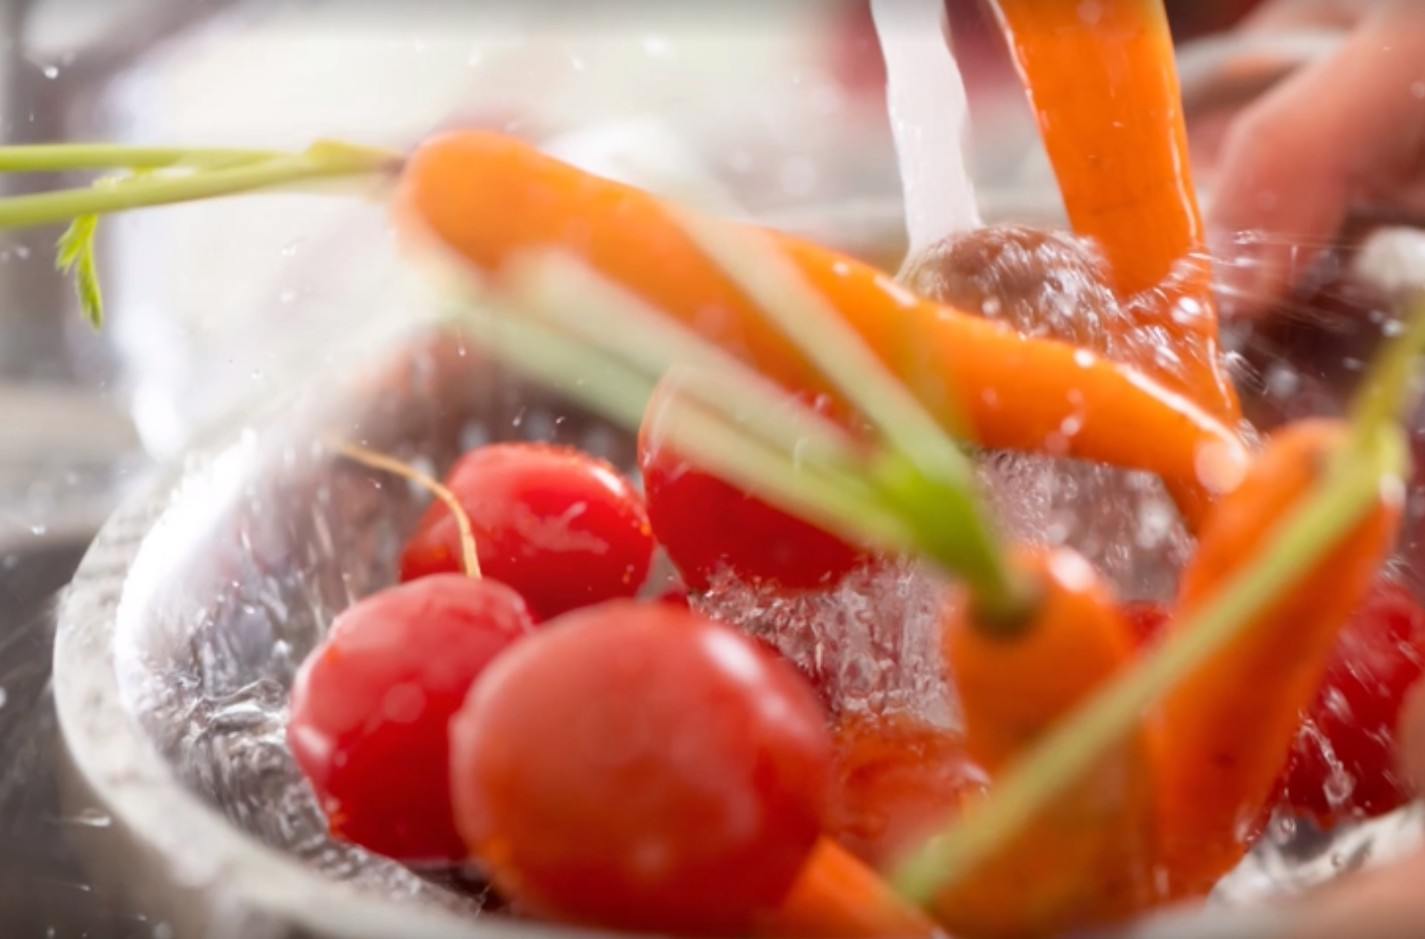 Μην ξεχνάτε να πλένετε τα φρούτα και  τα λαχανικά